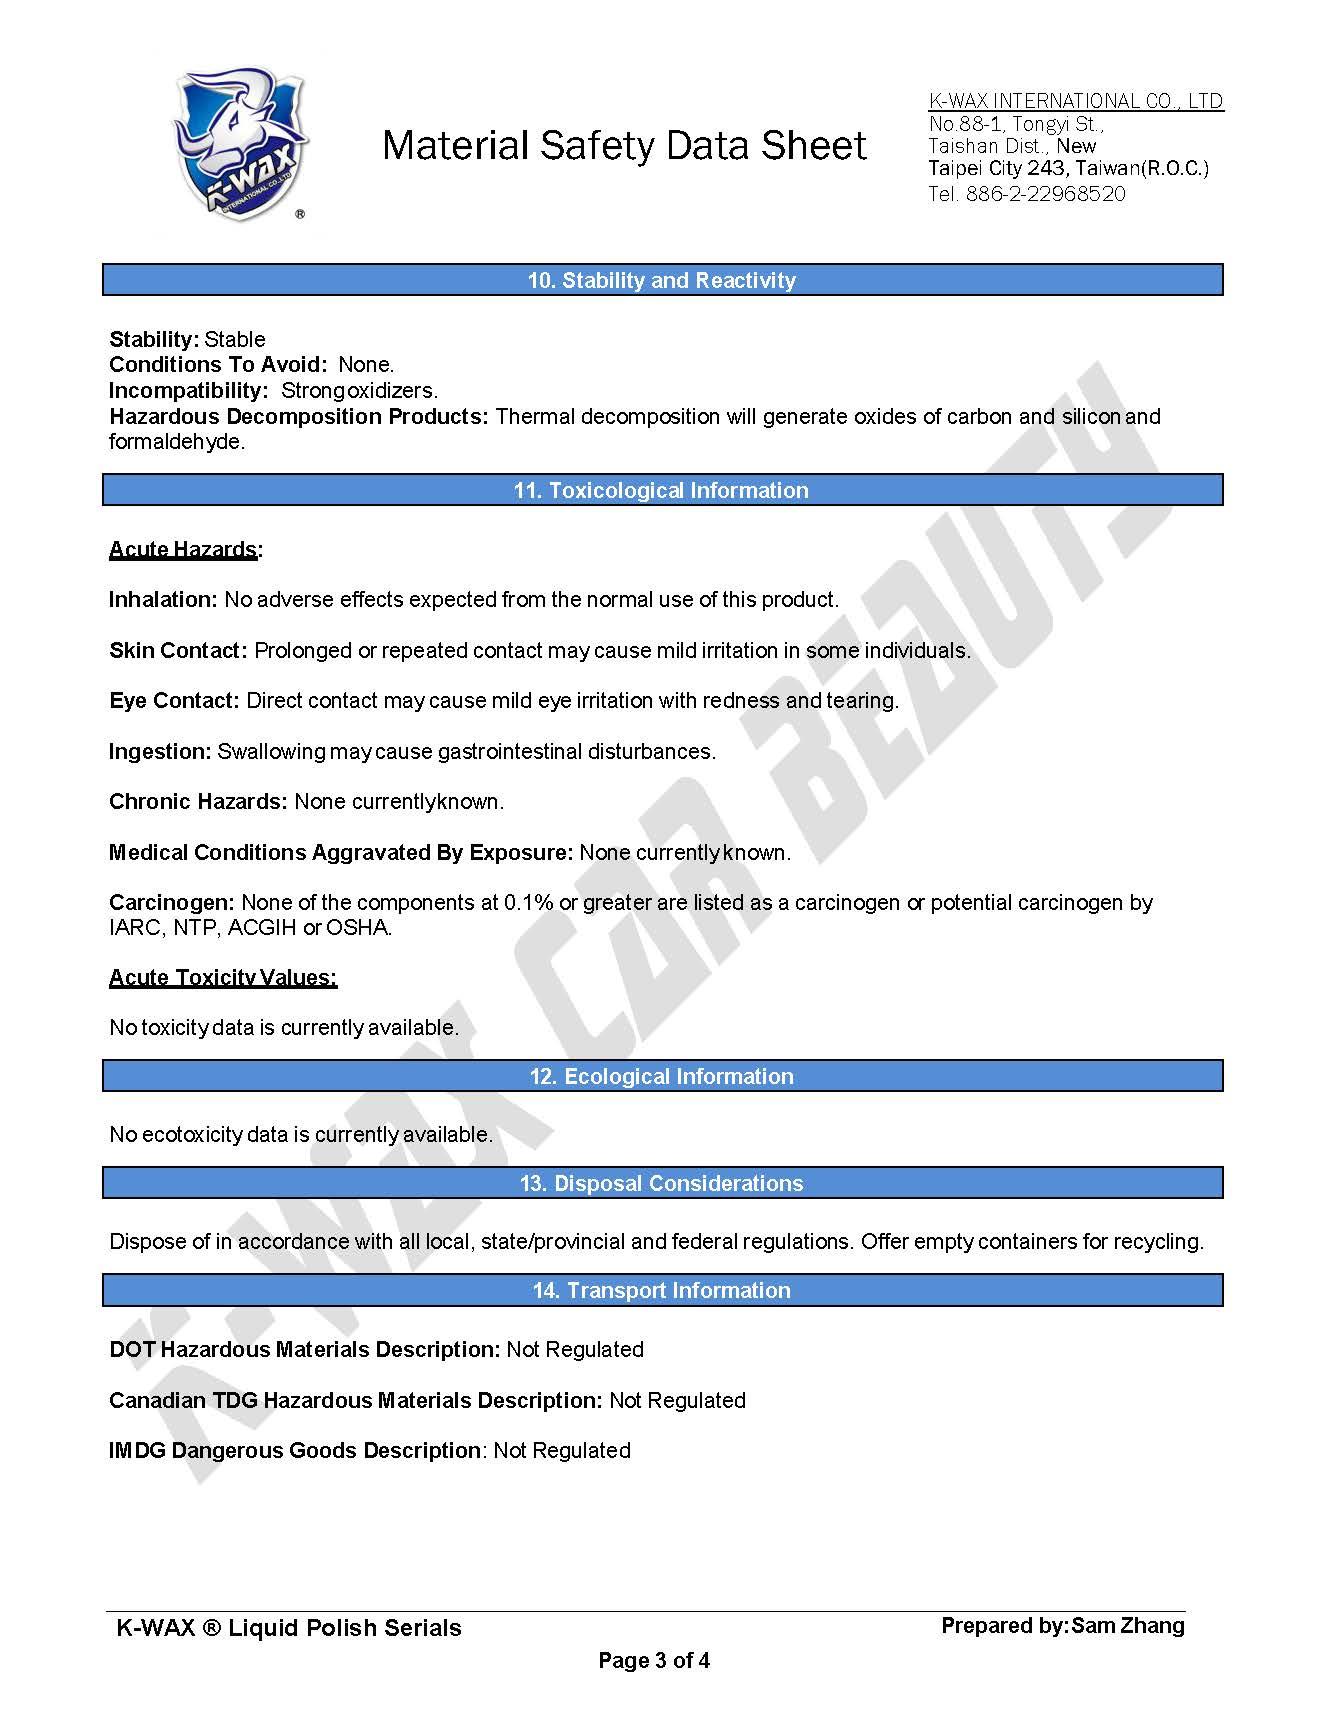 拋光劑系列 MSDS_页面_3.jpg